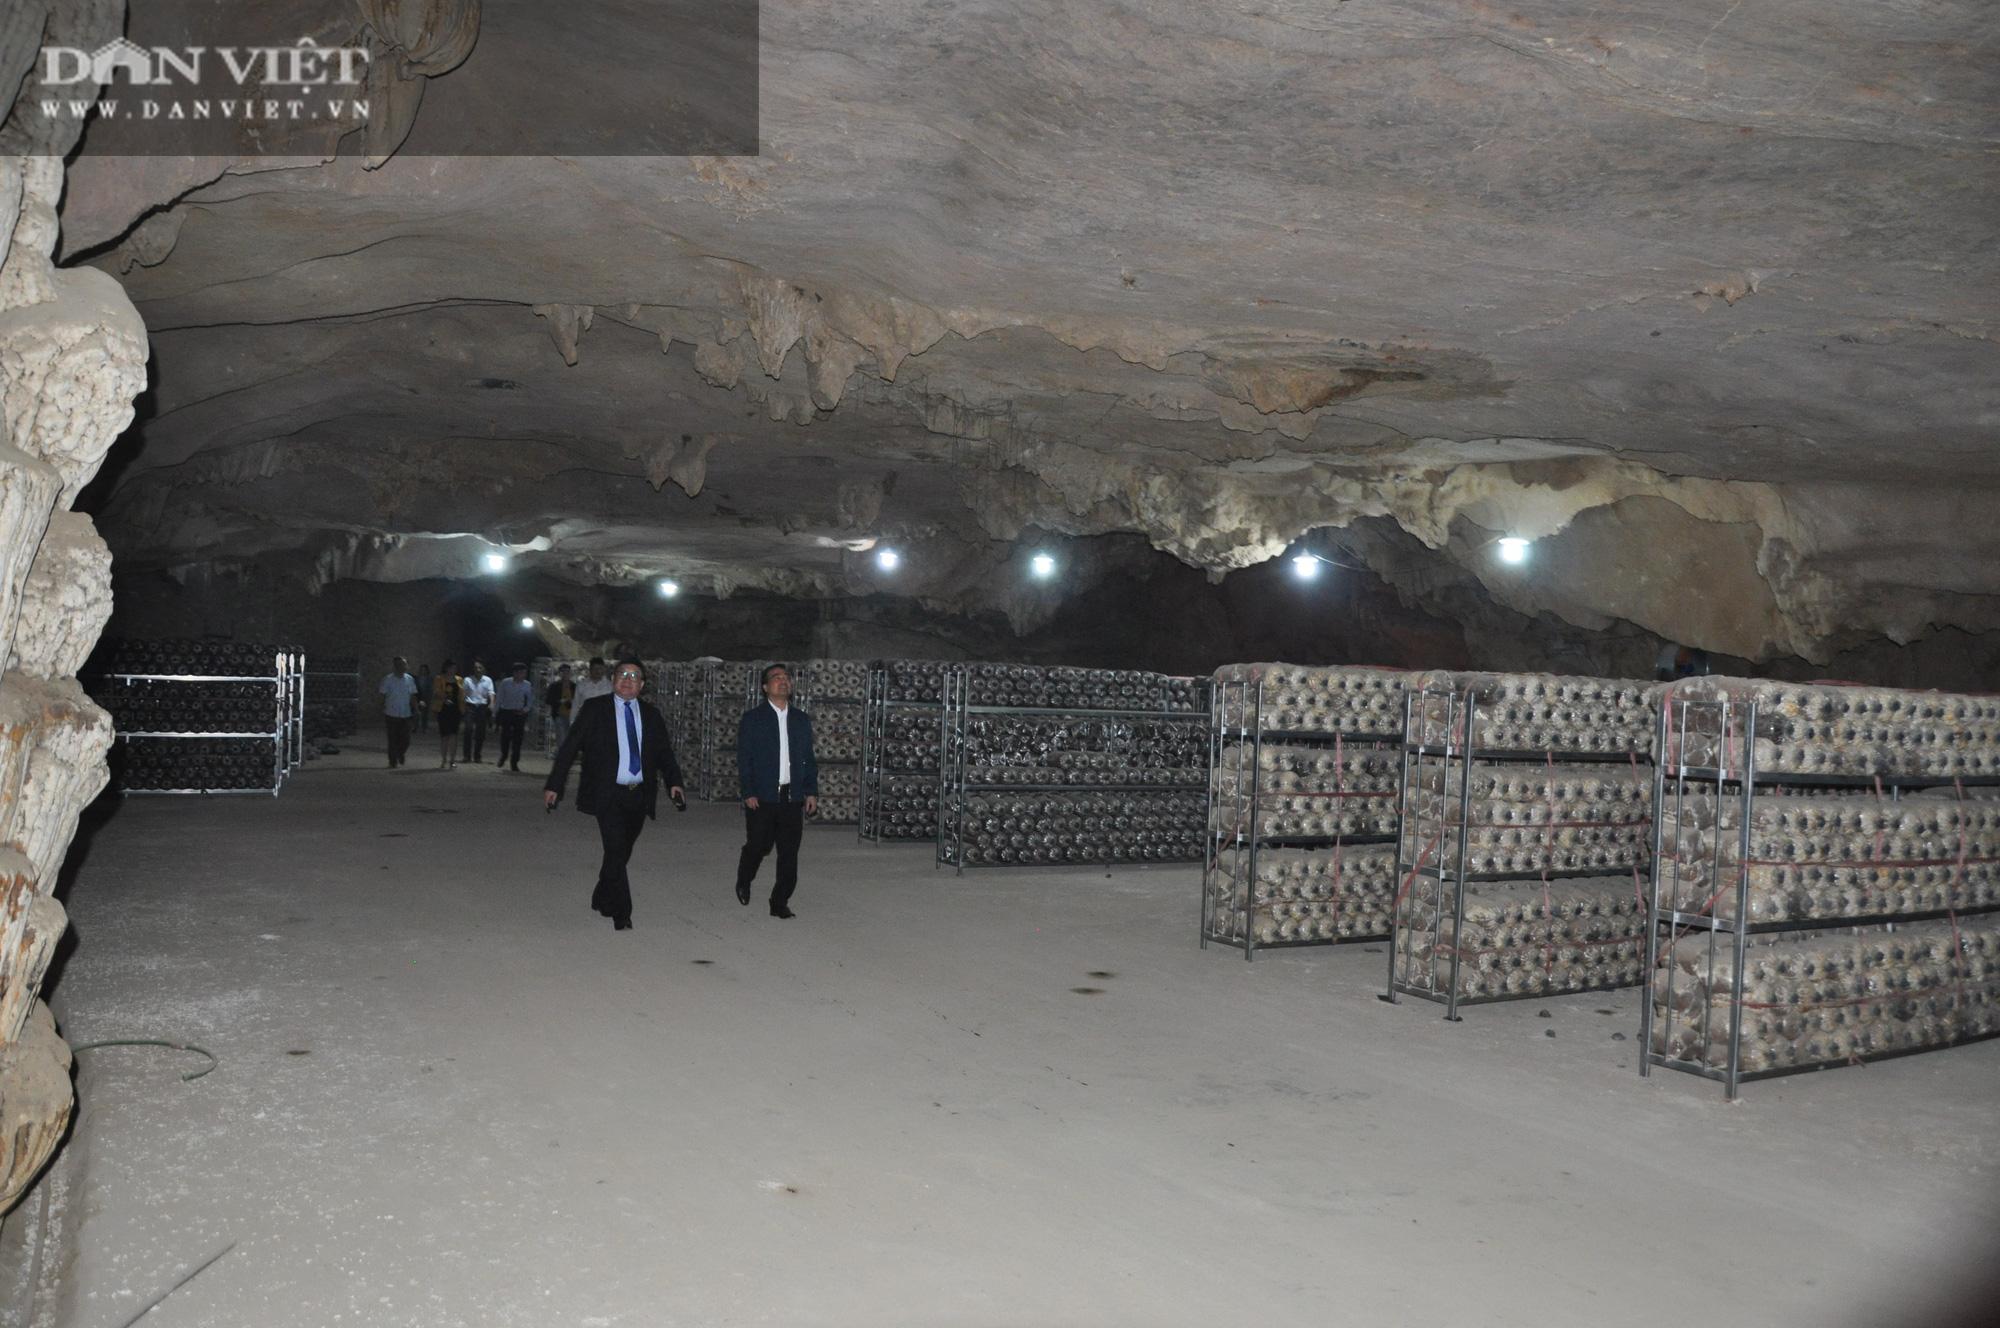 Chủ tịch Hội Nông dân Việt Nam vào hàng đá thăm trang trại nuôi con đặc sản năm thu gần 7 tỷ đồng - Ảnh 1.